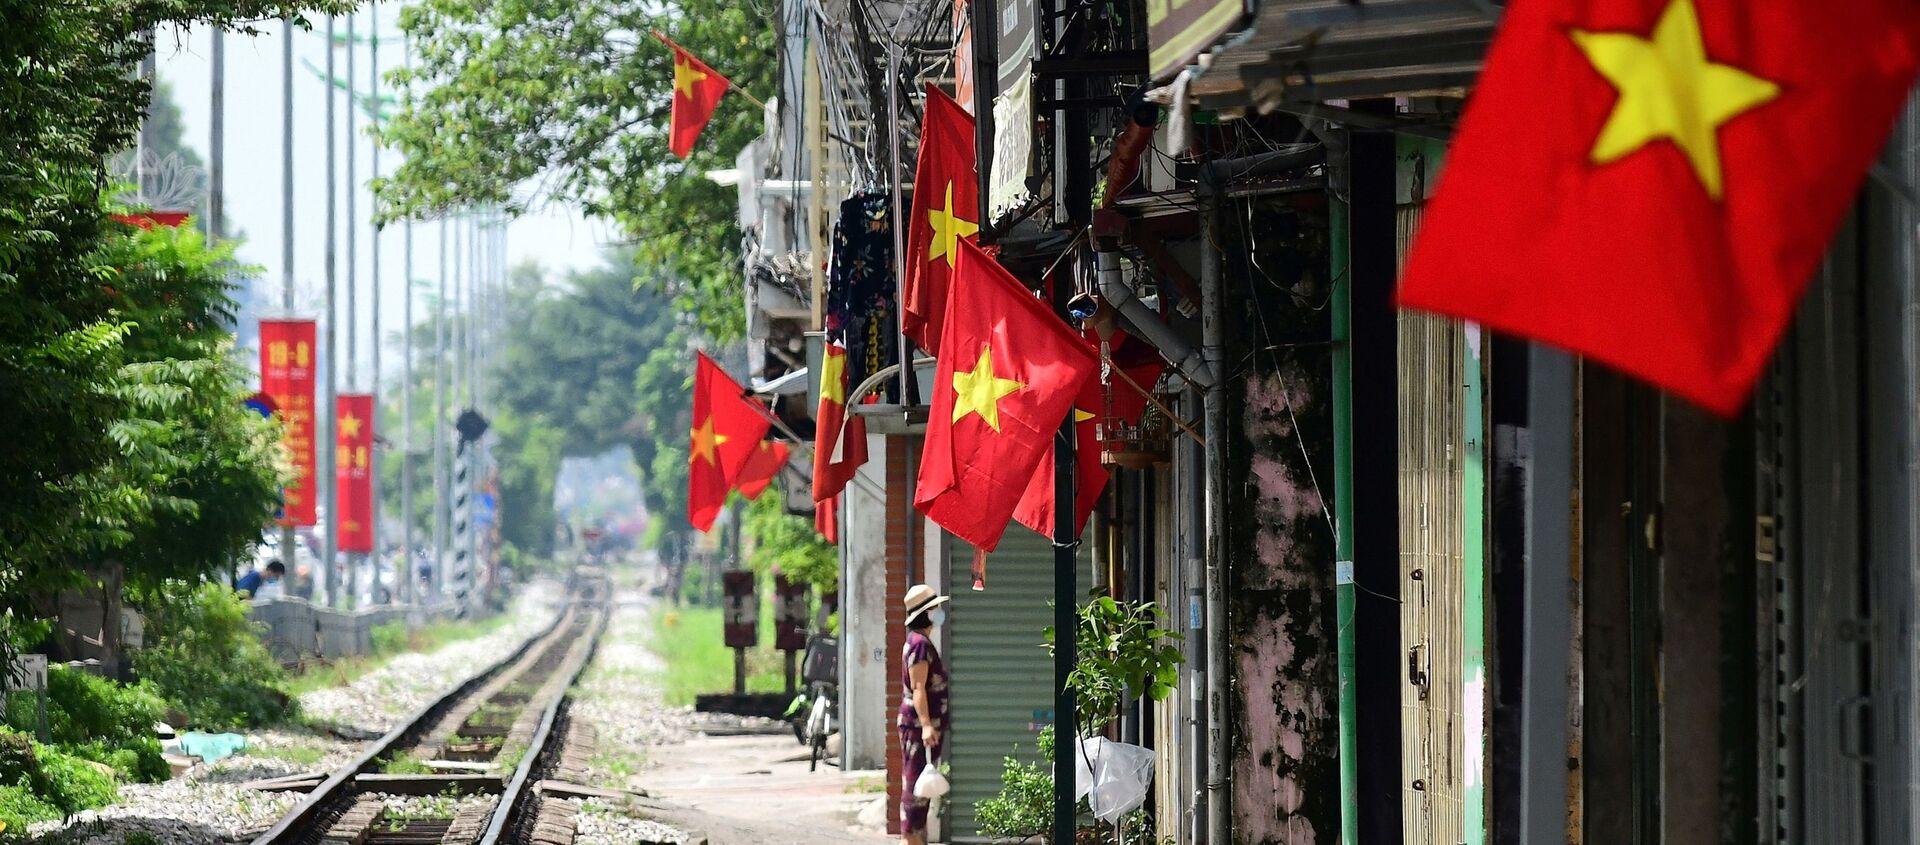 Hà Nội, Việt Nam. - Sputnik Việt Nam, 1920, 01.09.2021